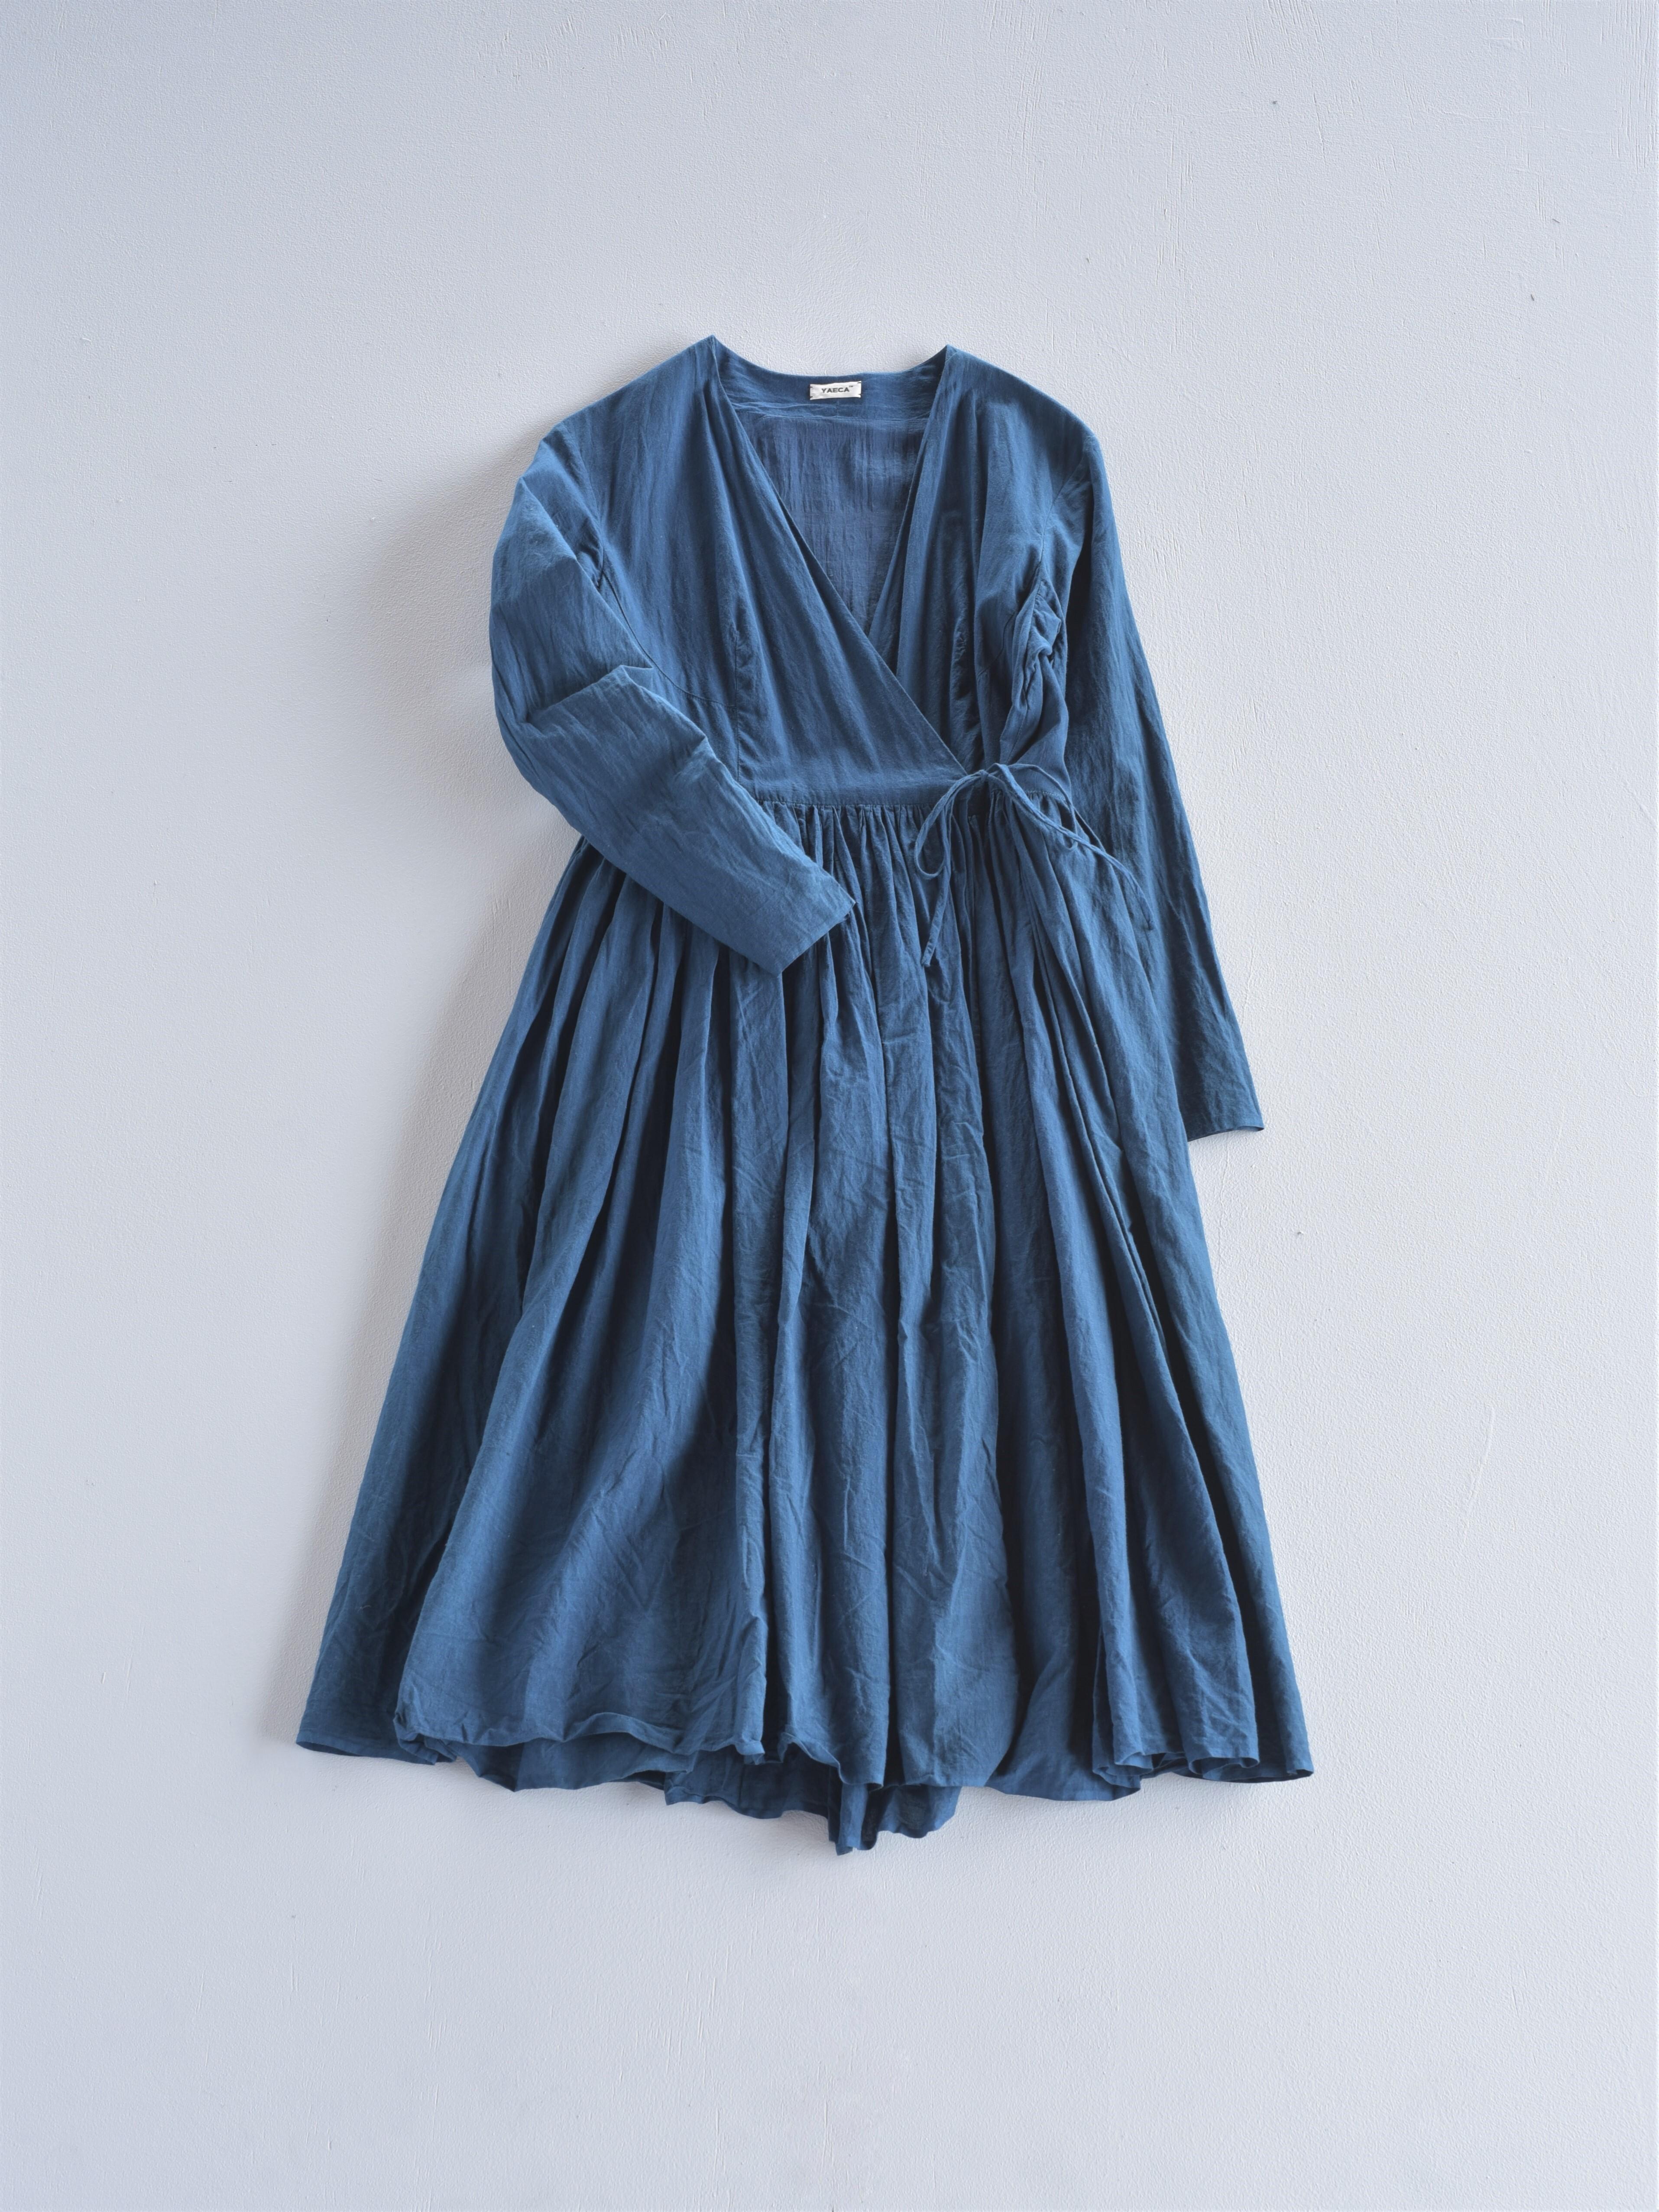 YAECA khadi |ラップギャザードレス indigo 琉球藍